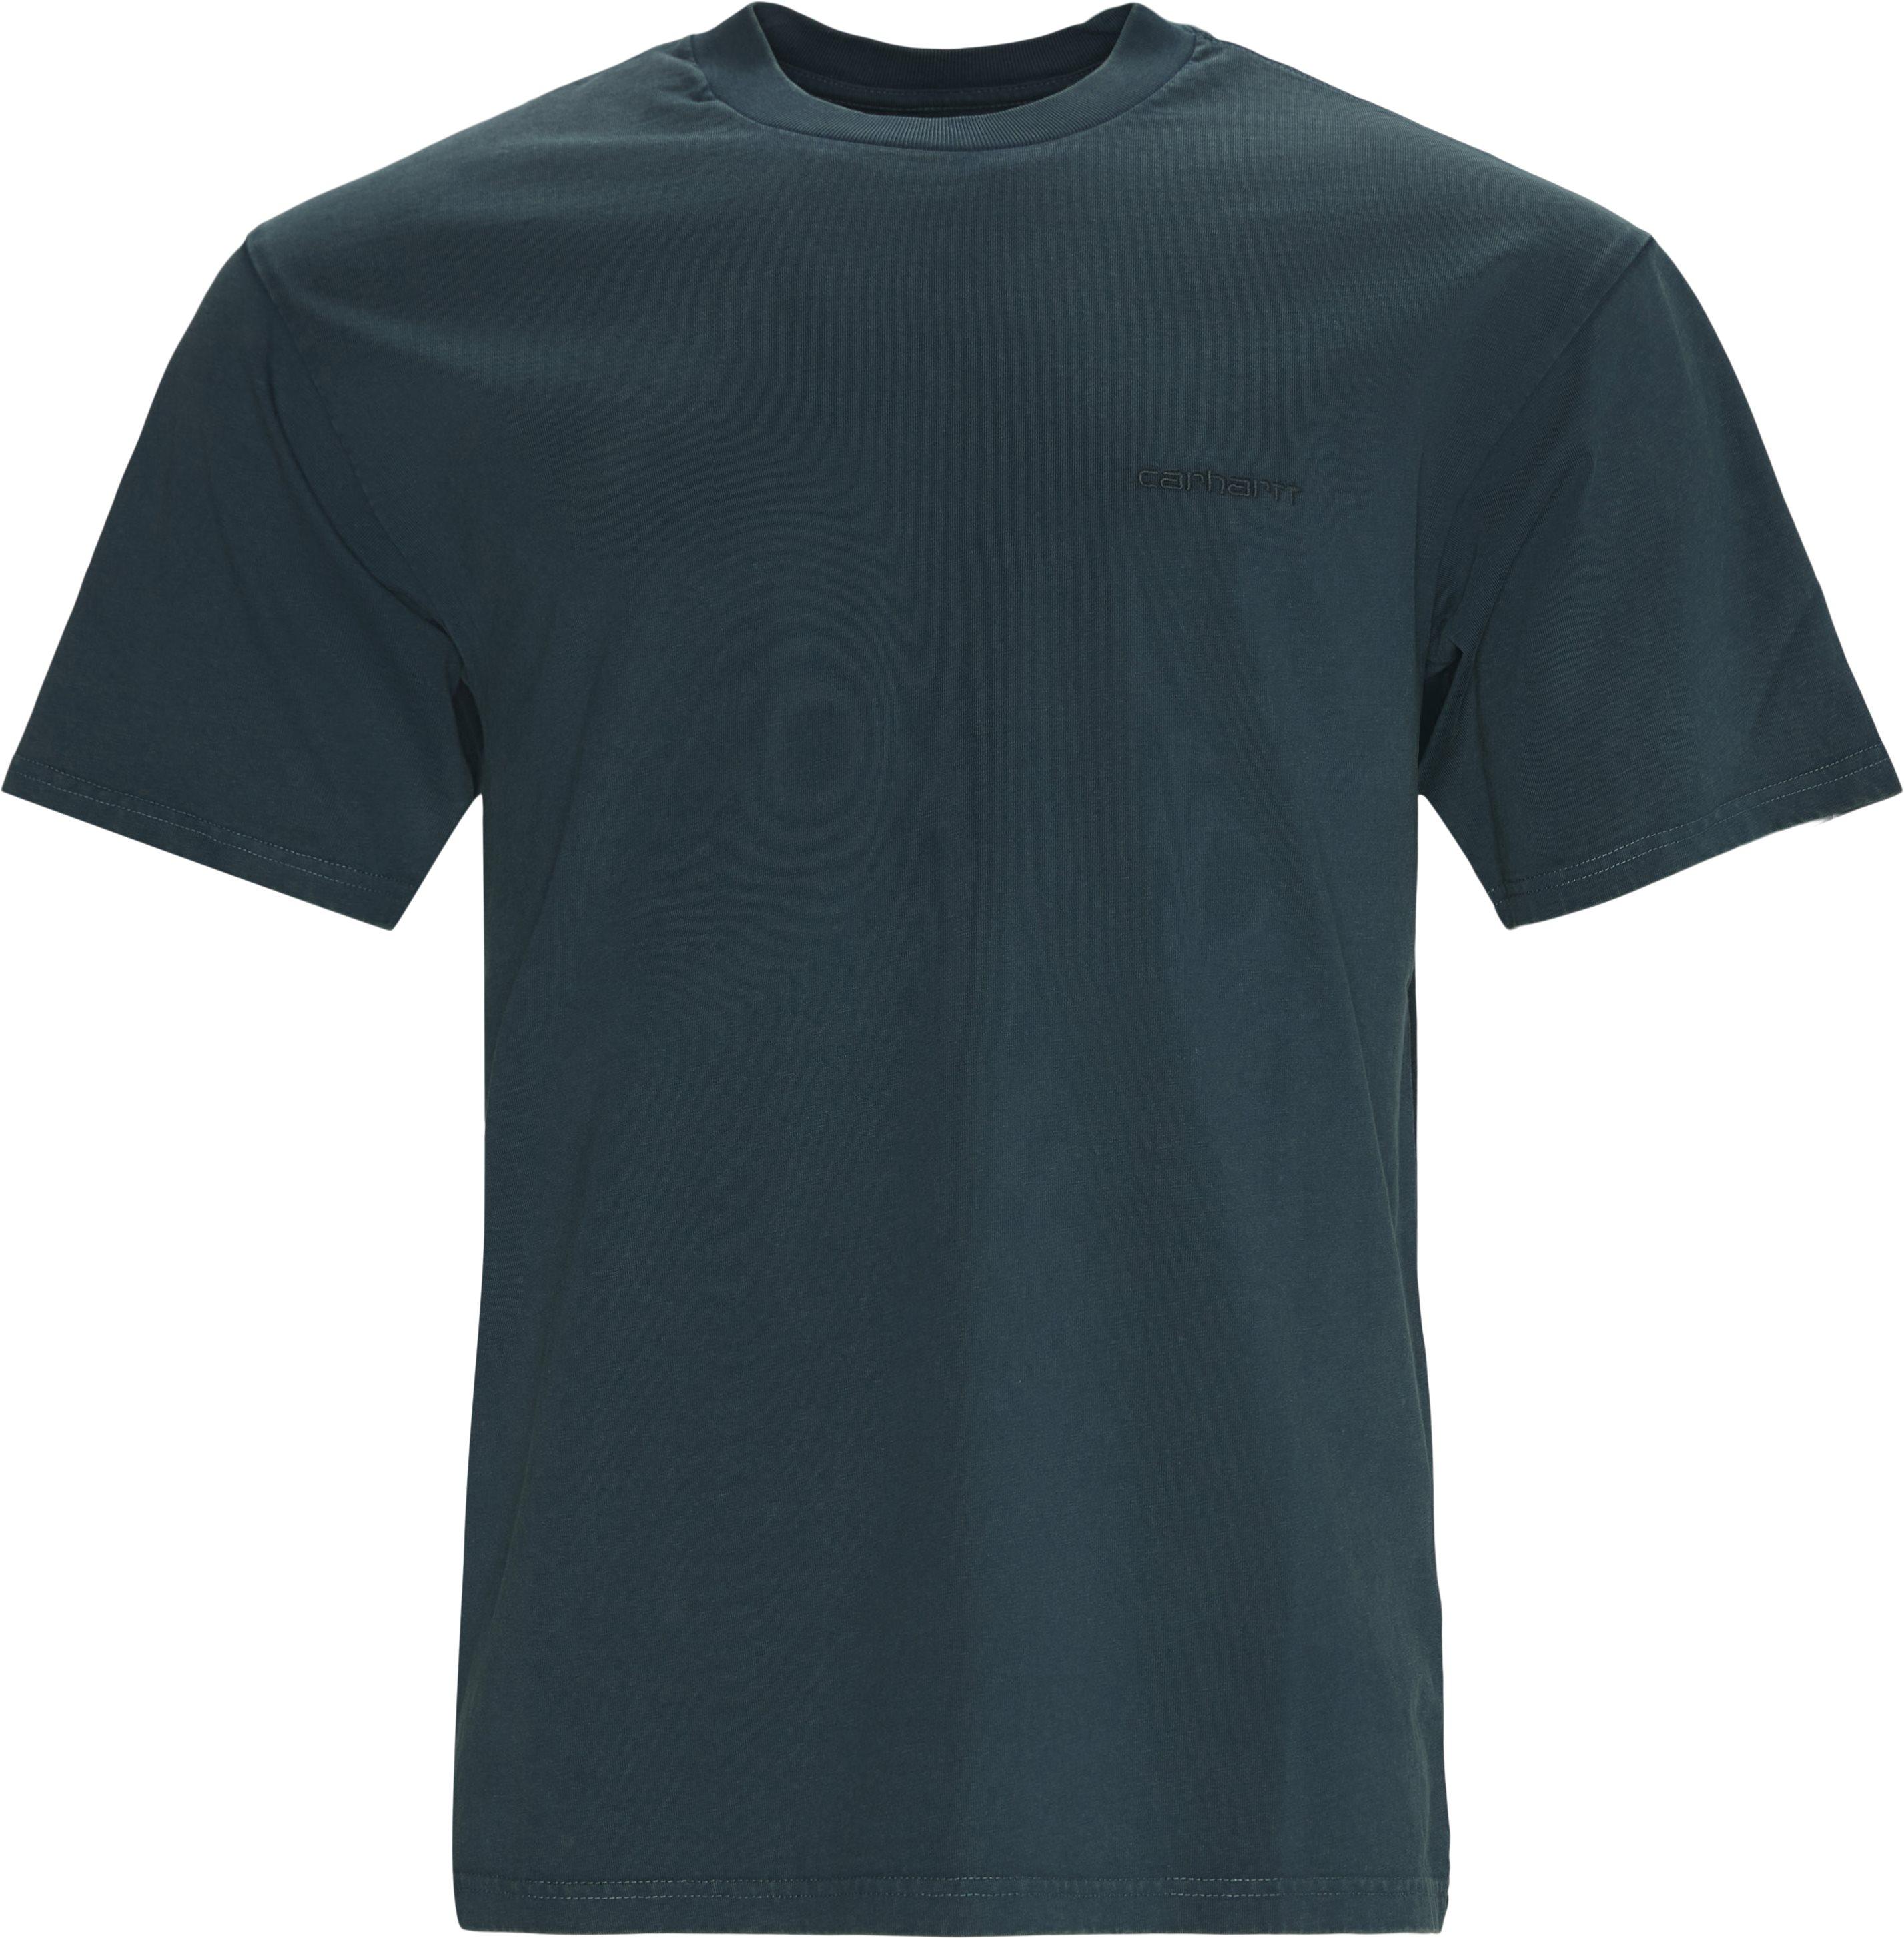 Mosby Script Tee - T-shirts - Regular fit - Blå